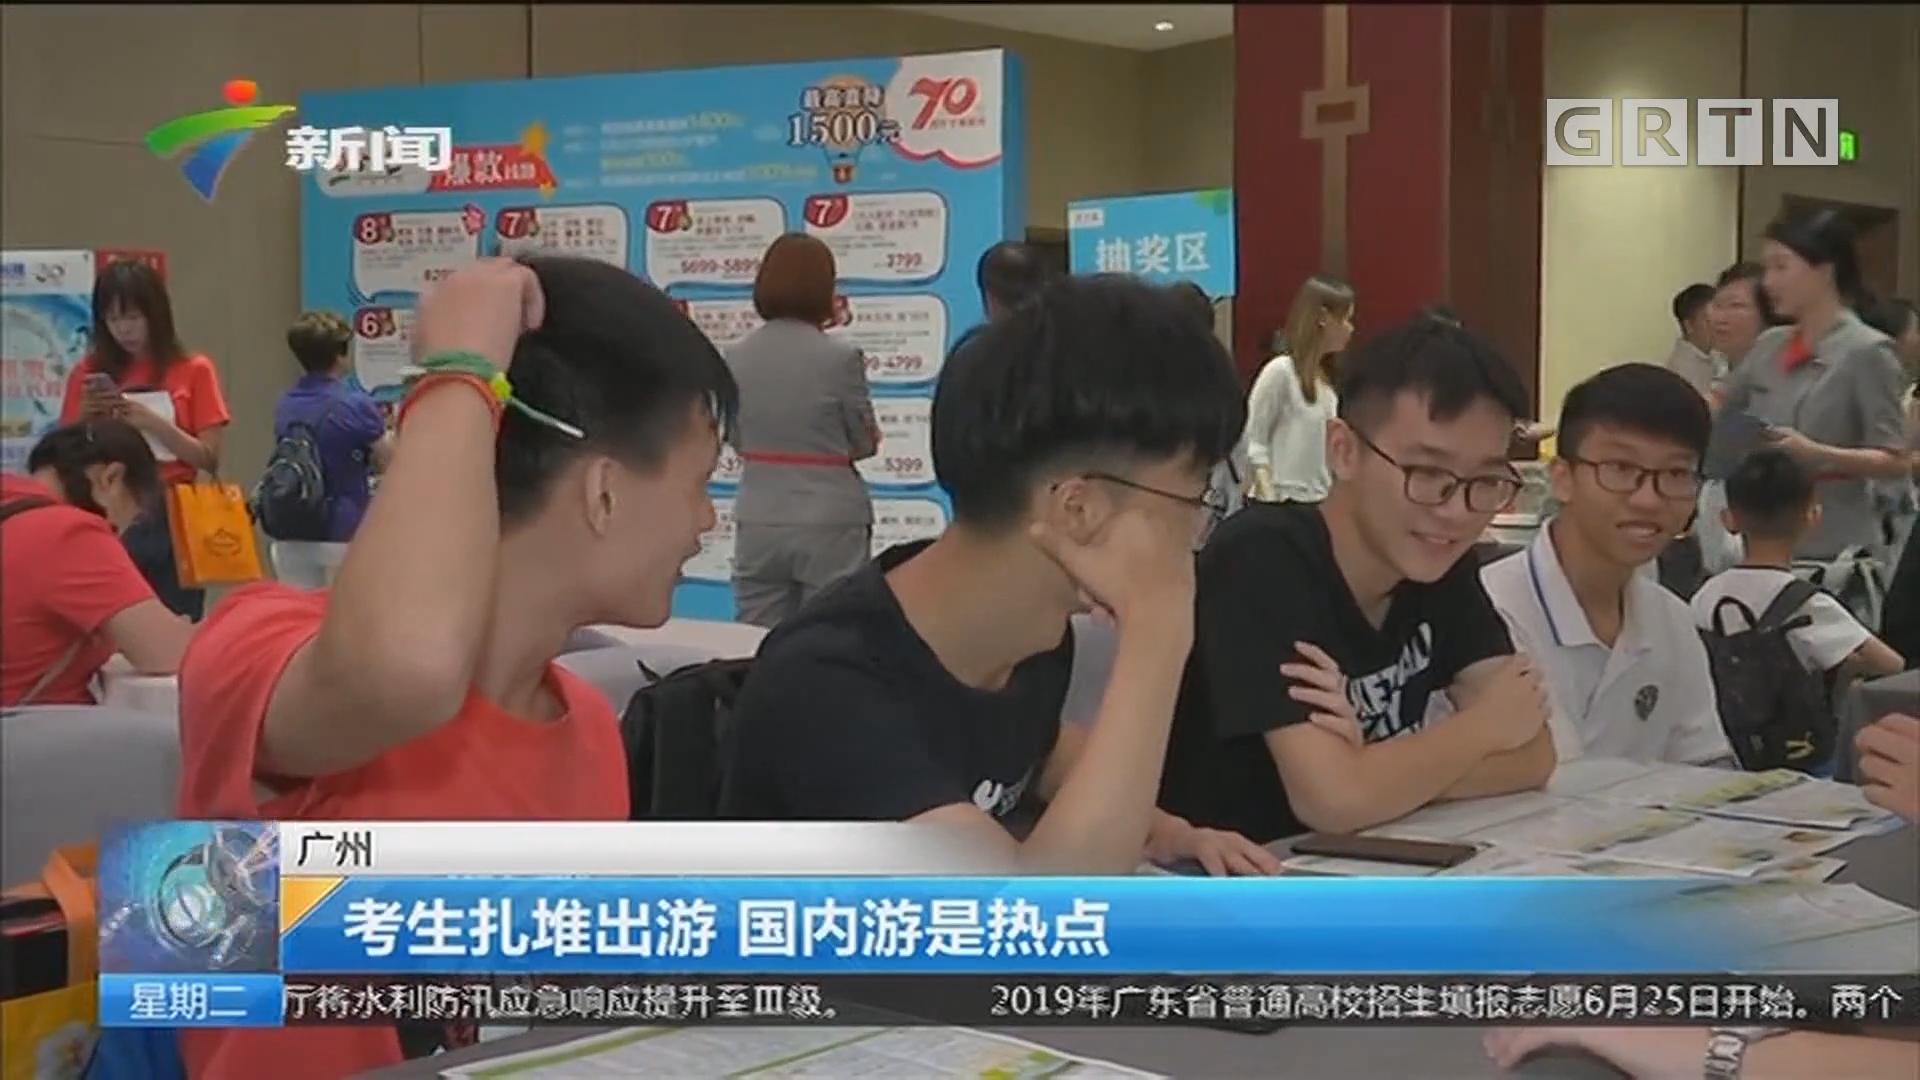 广州:考生扎堆出游 国内游是热点